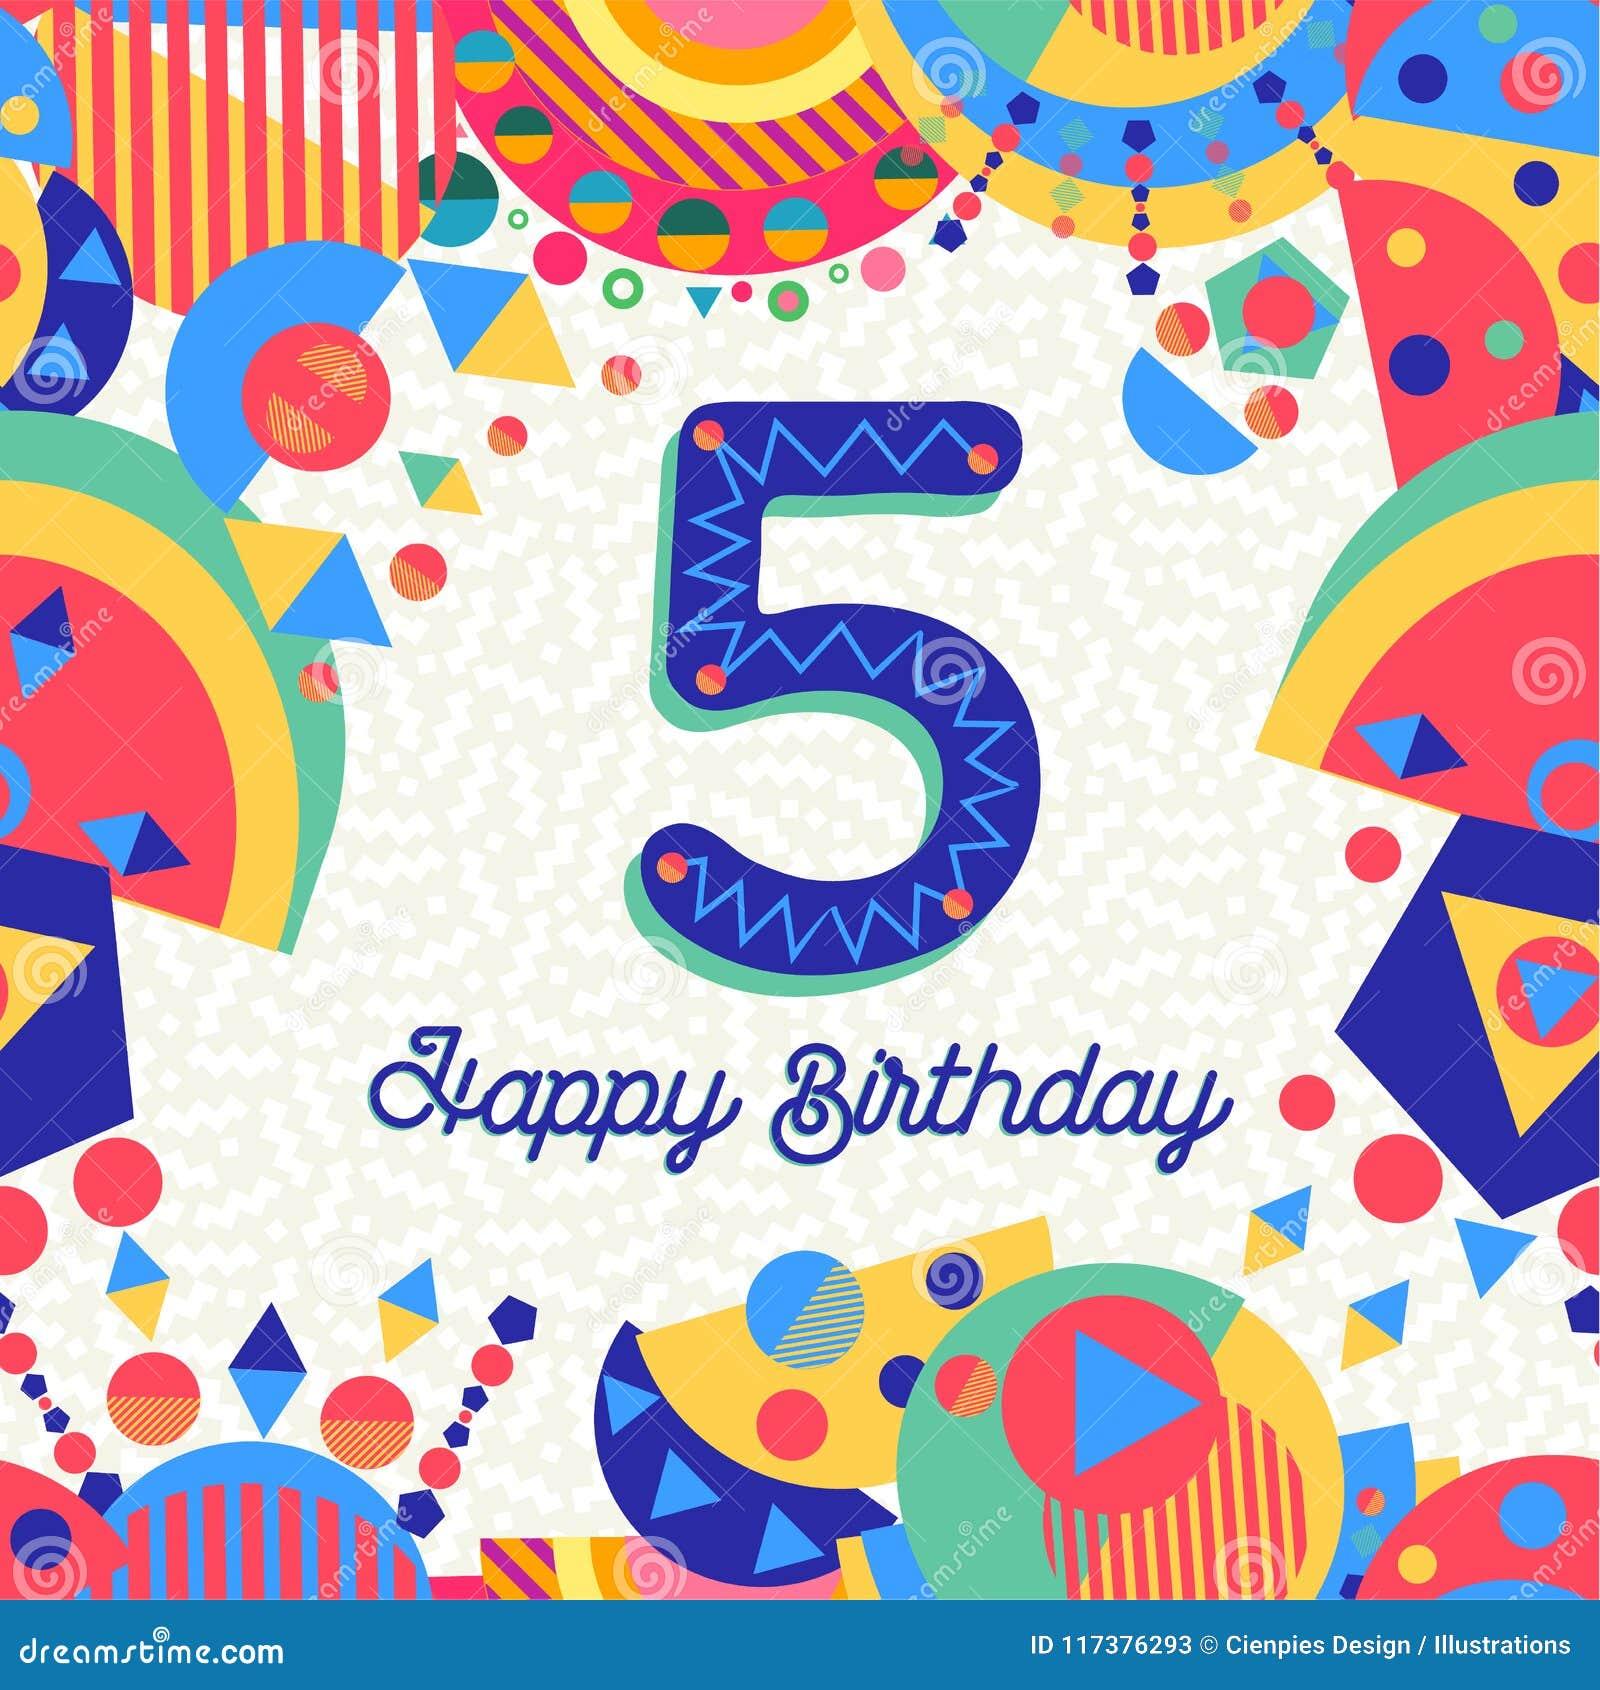 Auguri Buon Compleanno 5 Anni.Cinque Numero Della Cartolina D Auguri Della Festa Di